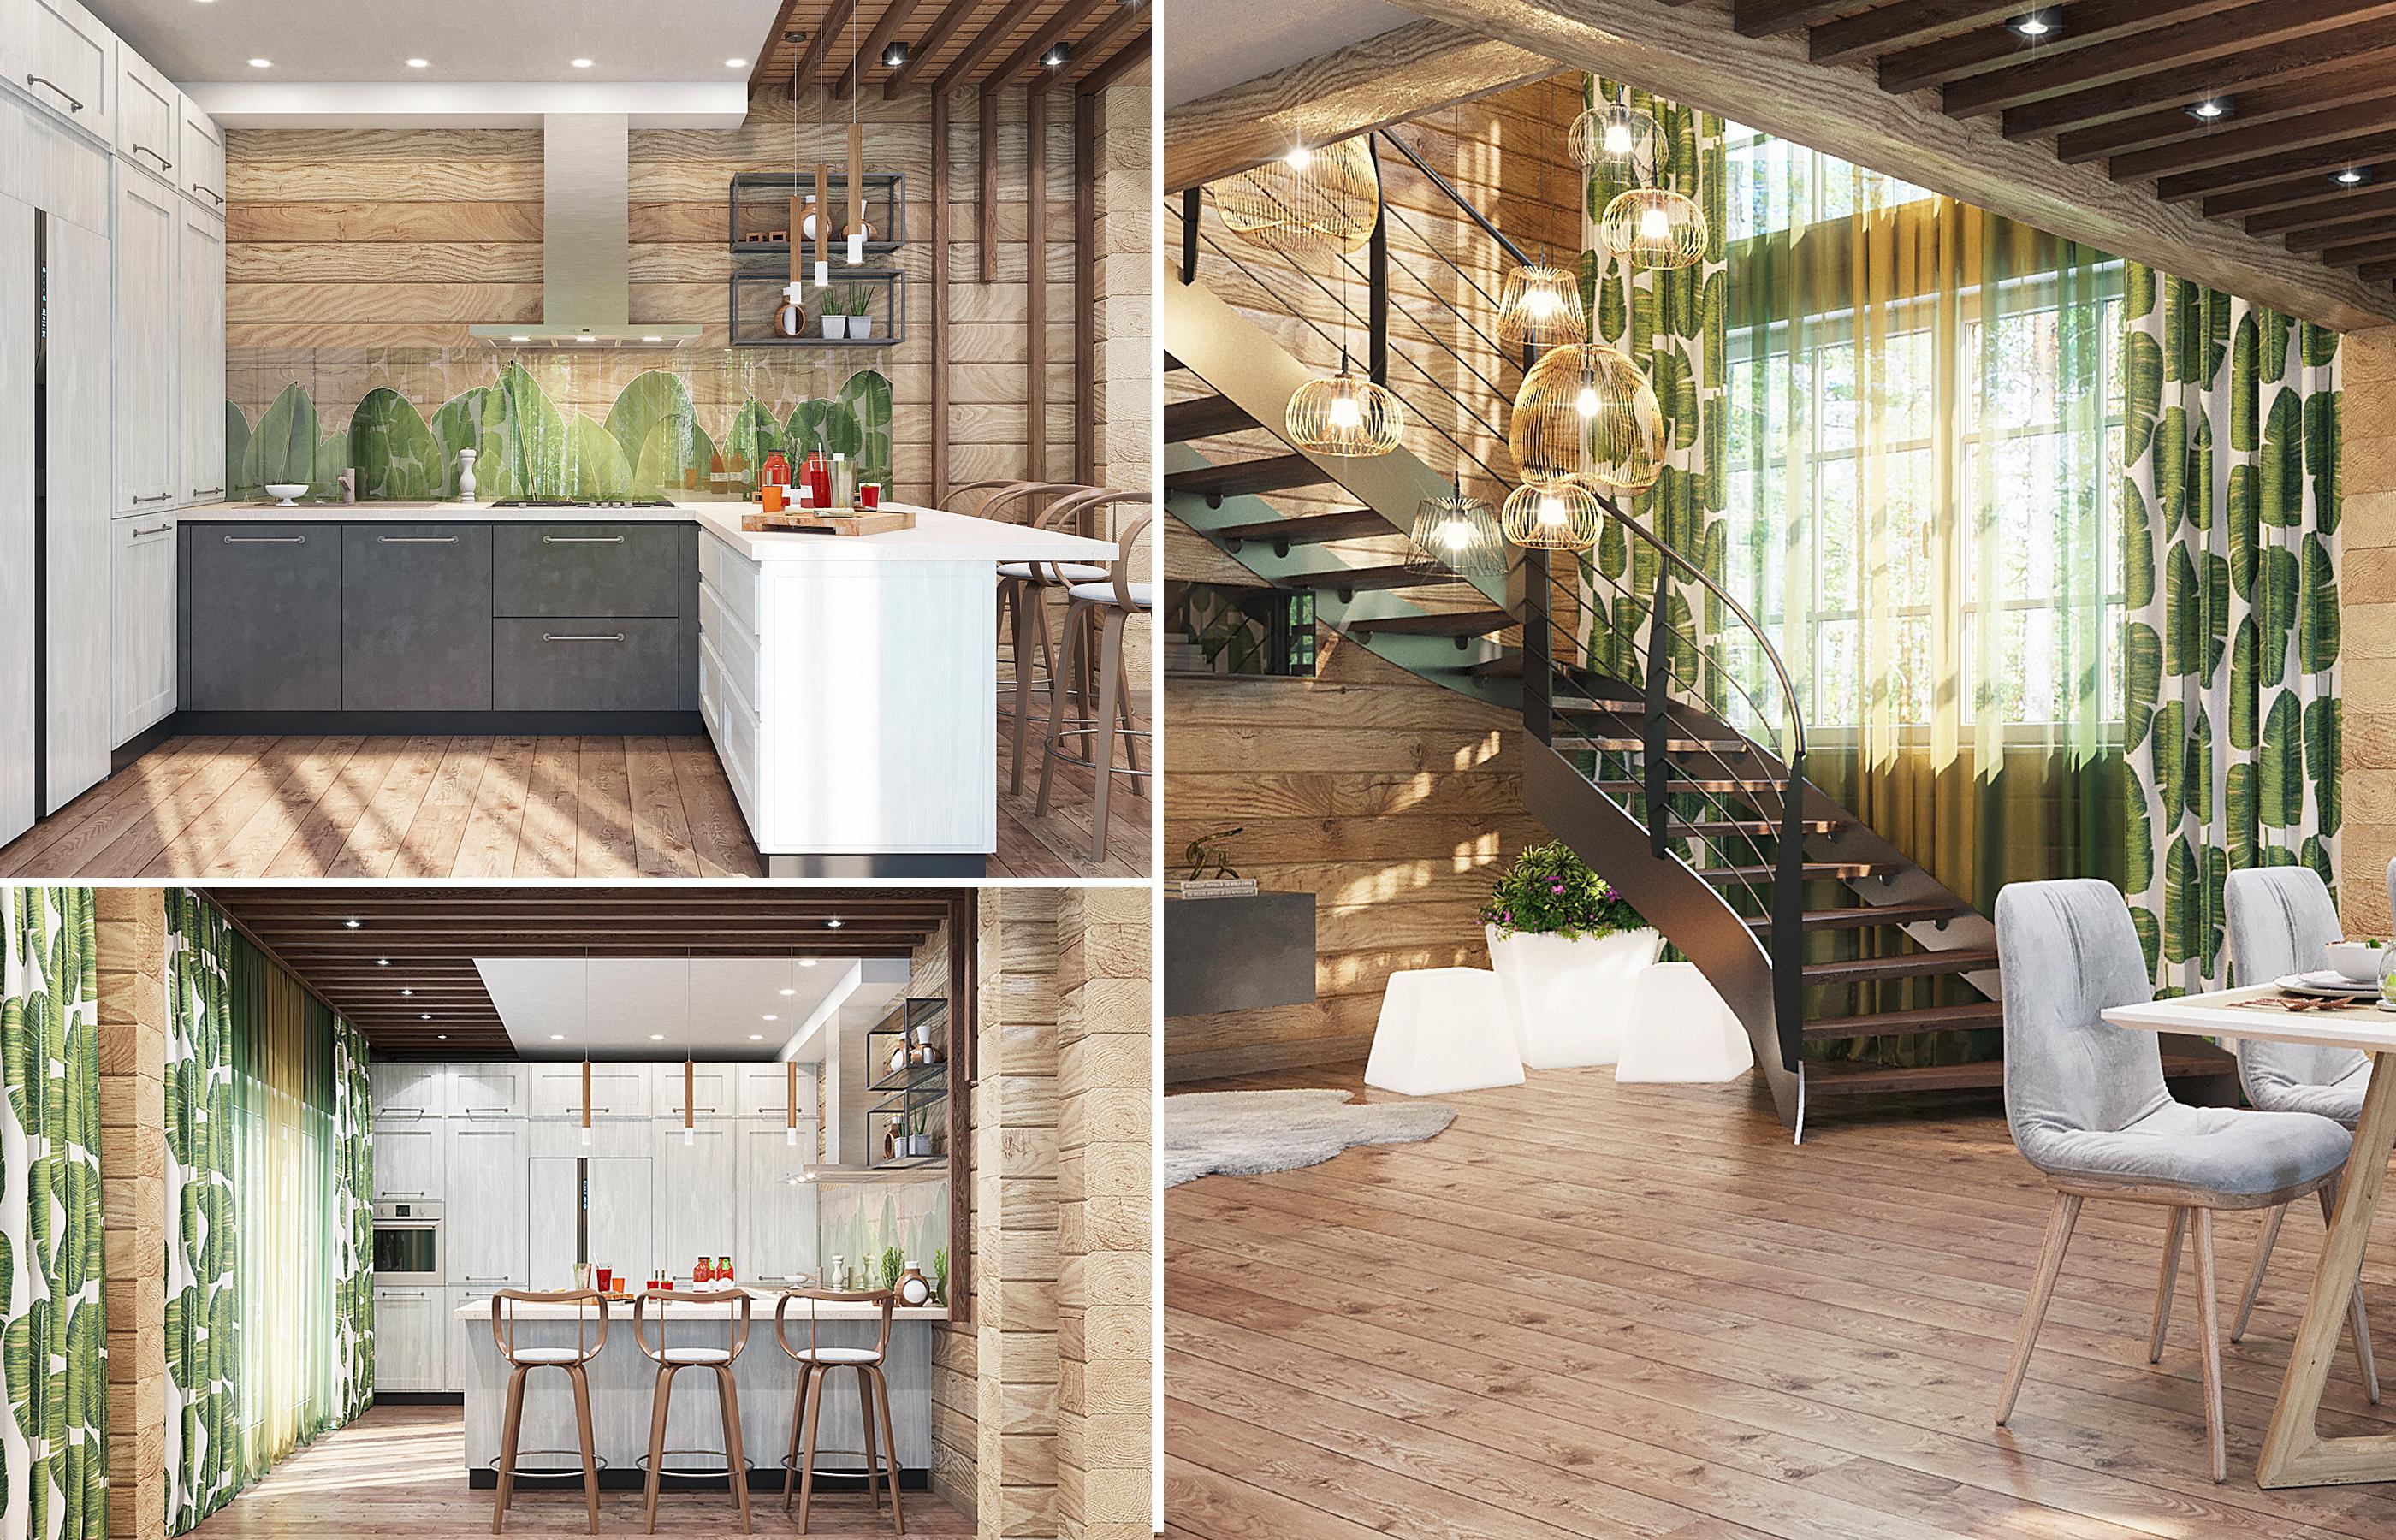 В оформлении интерьера кухни использованы принты с экзотическими листьями